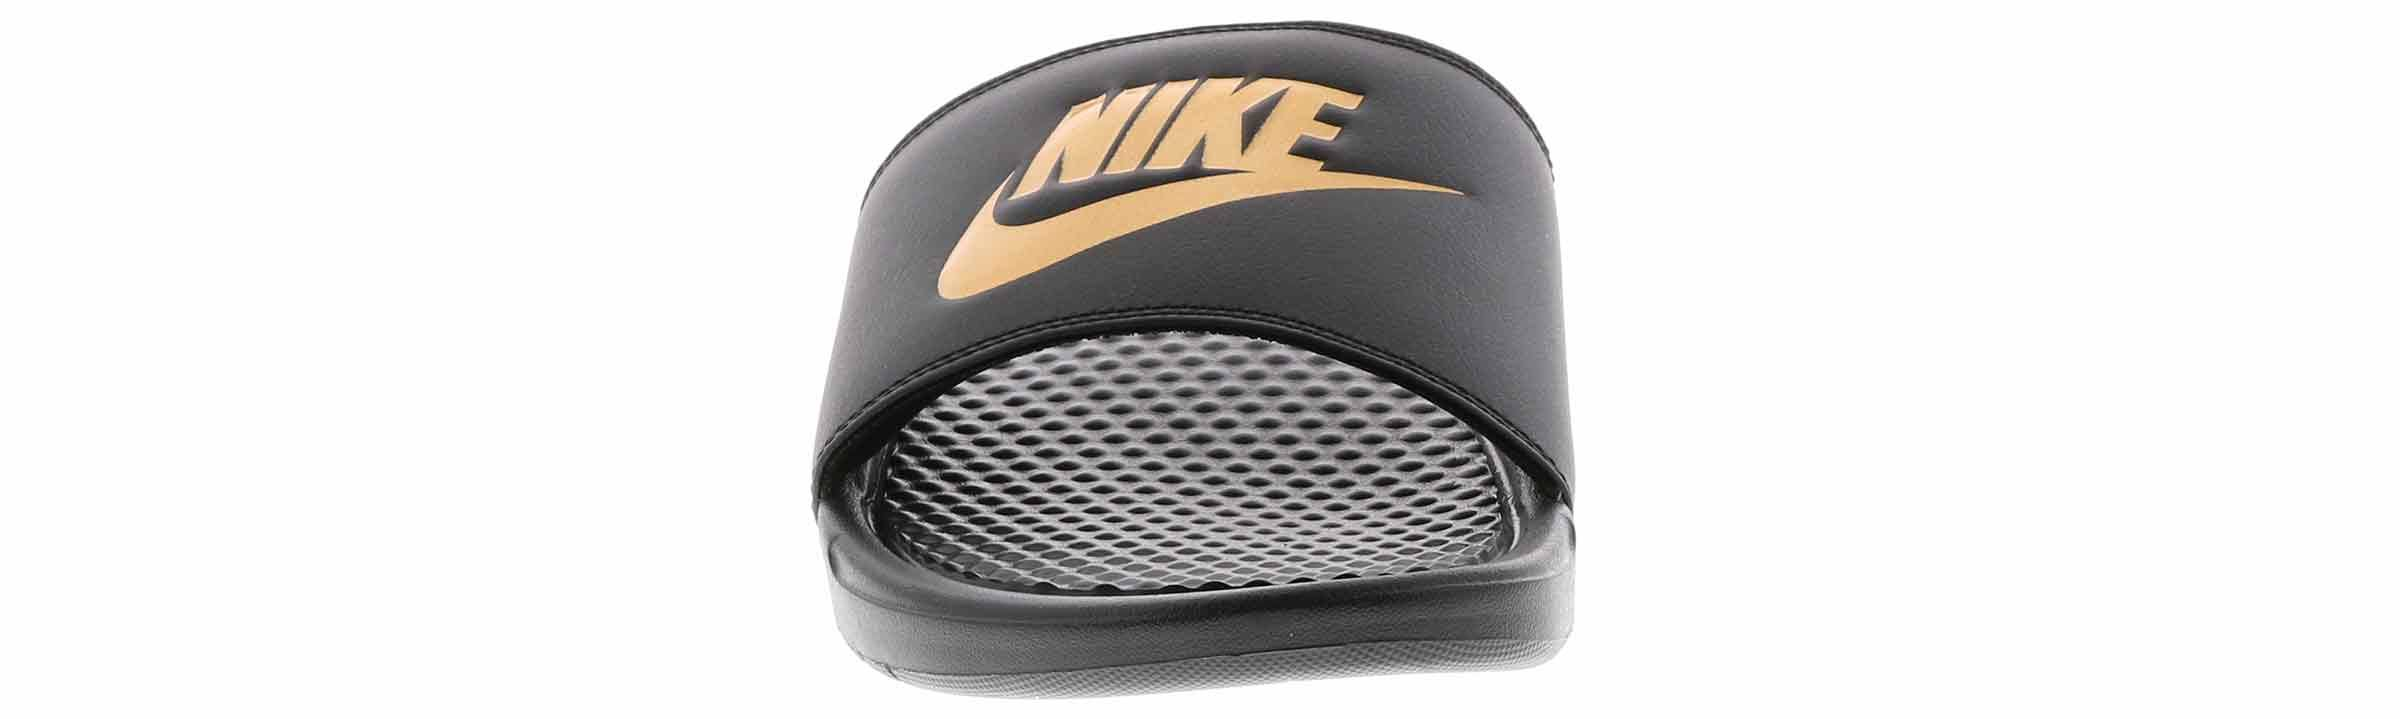 Stil Jdi Benassi 343880 Männer 016 Nike 13 Größe gXPCxz